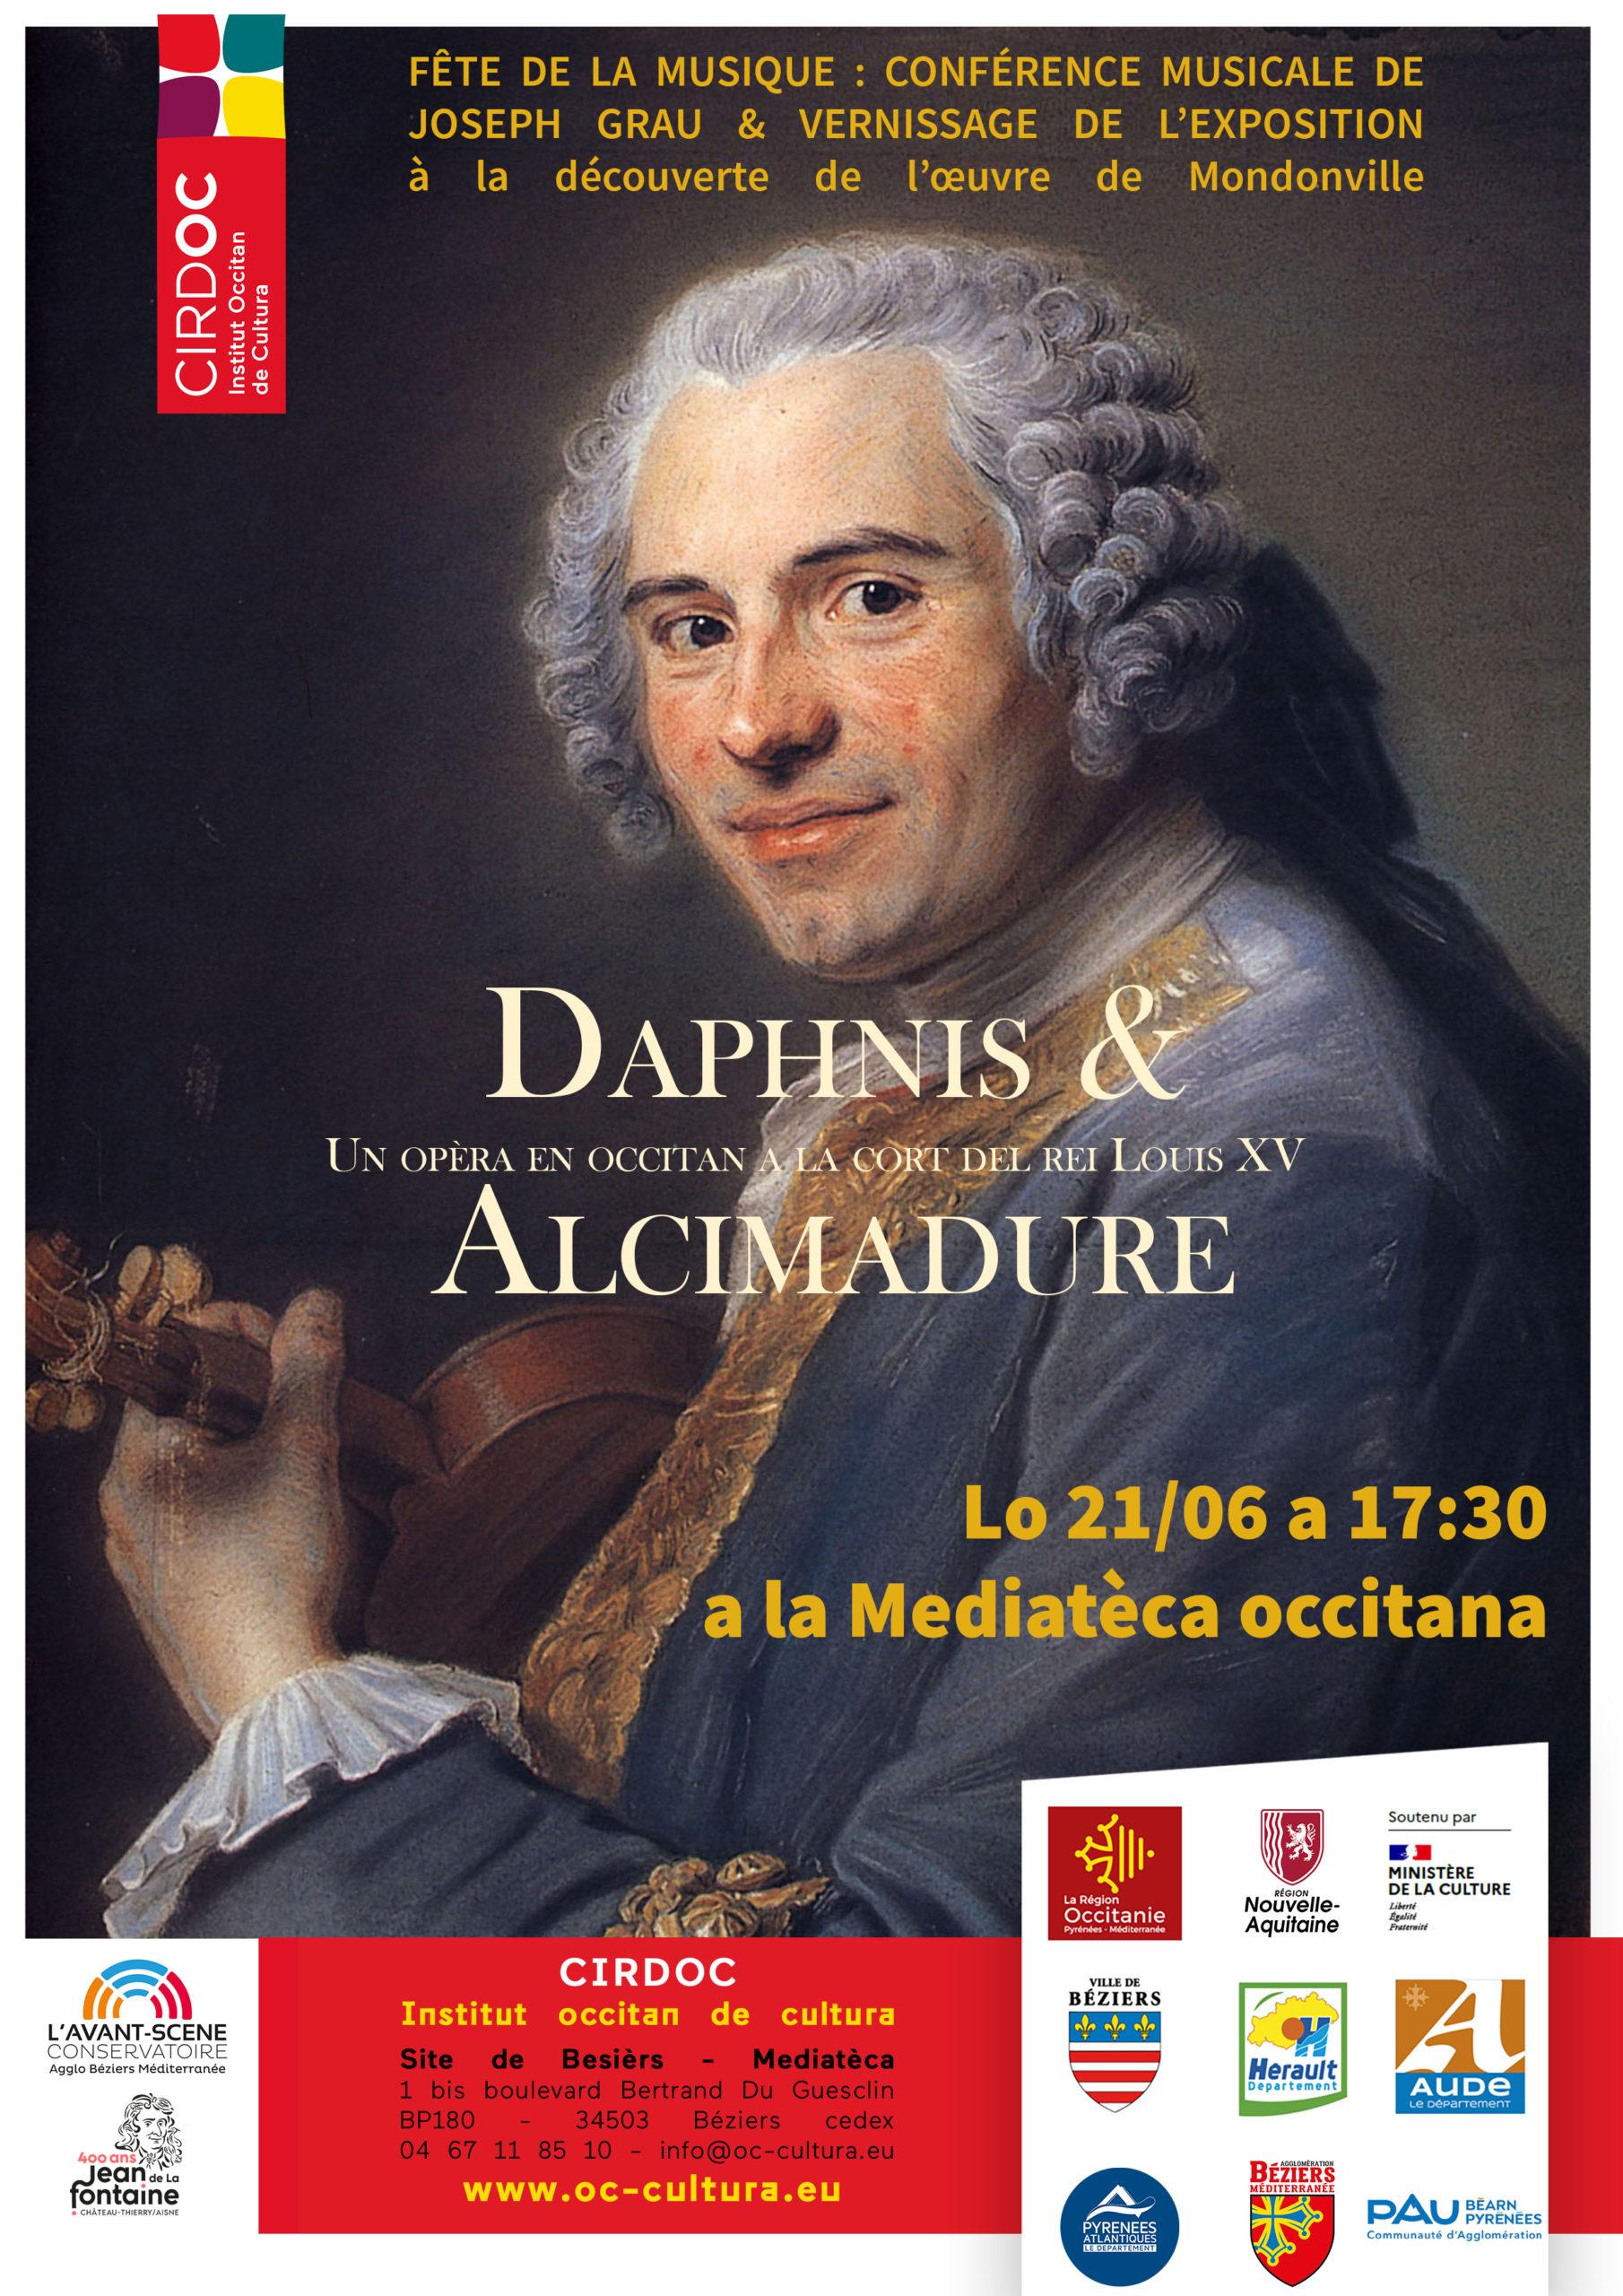 """La Mediatèca fête la musique ! Vernissage de l'exposition """"Daphnis et Alcimadure"""" et conférence musicale de Joseph Grau, enseignant à l'Avant-Scène Conservatoire de l'Agglo Béziers Méditerranée"""